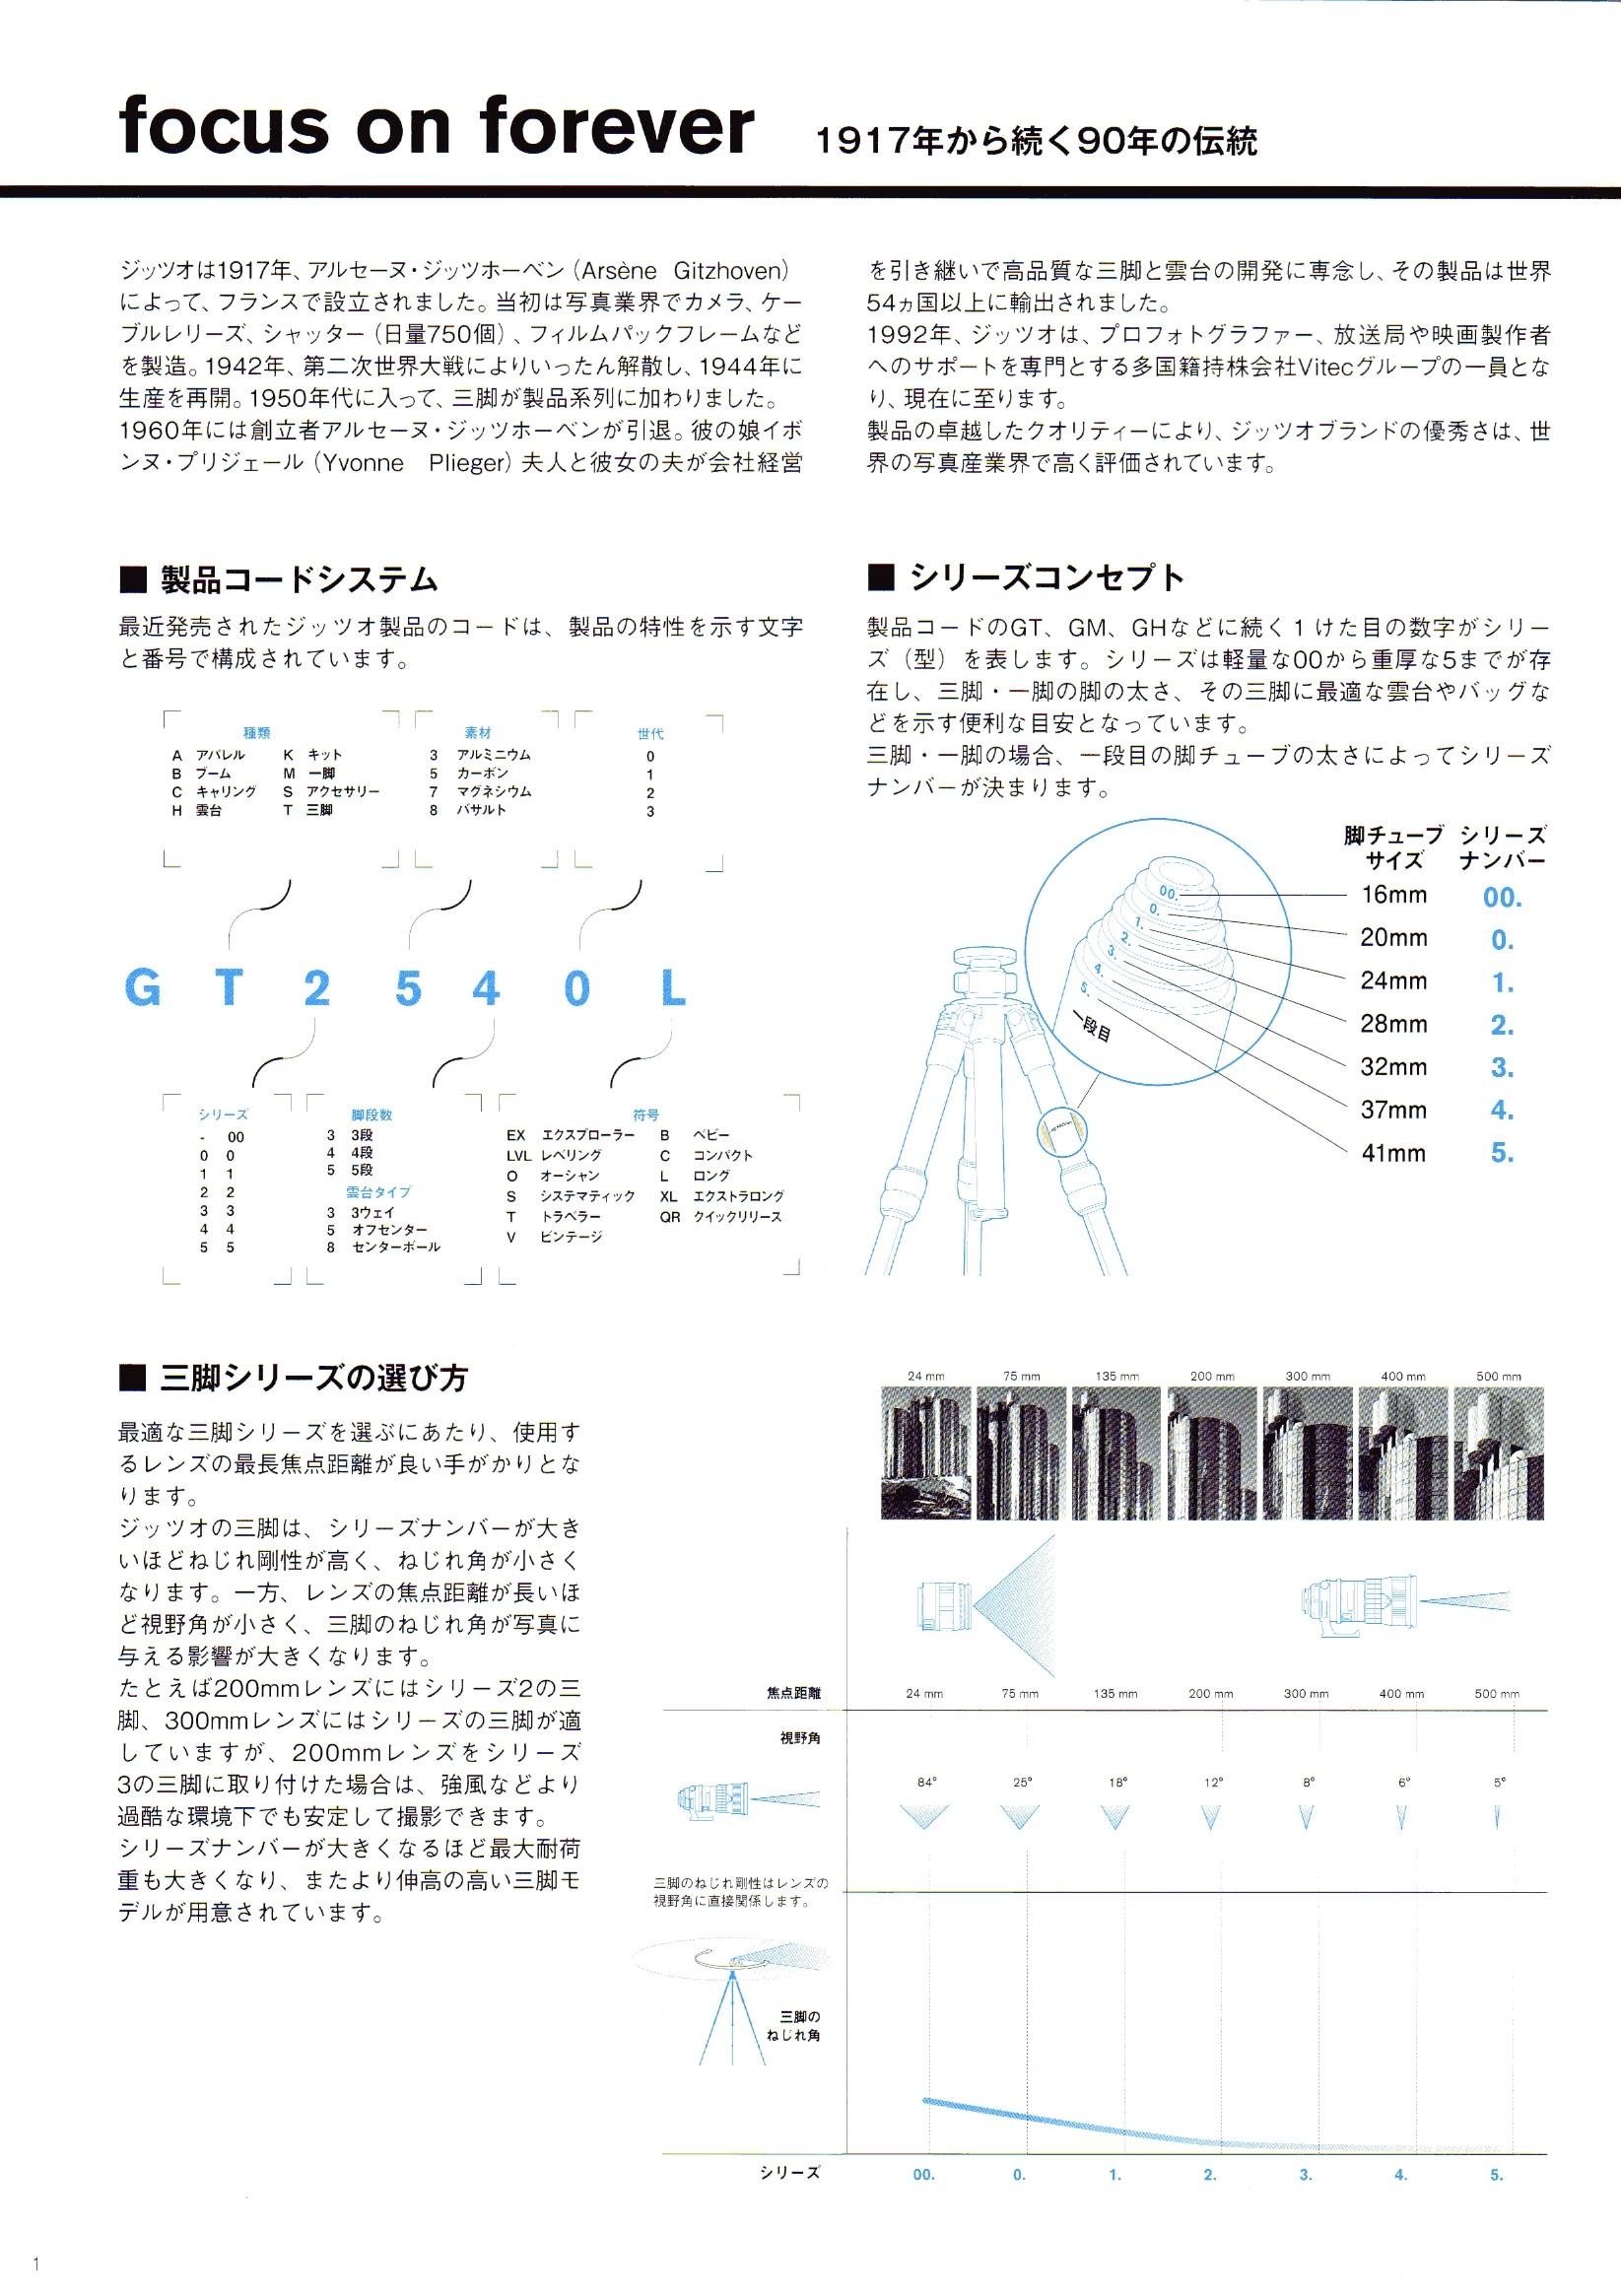 デジタル一眼レフカメラ比較・選び方入門 デジ一.com GITZO(ジッツオ/ジッツォ)最新カタログ P001(三脚解説)